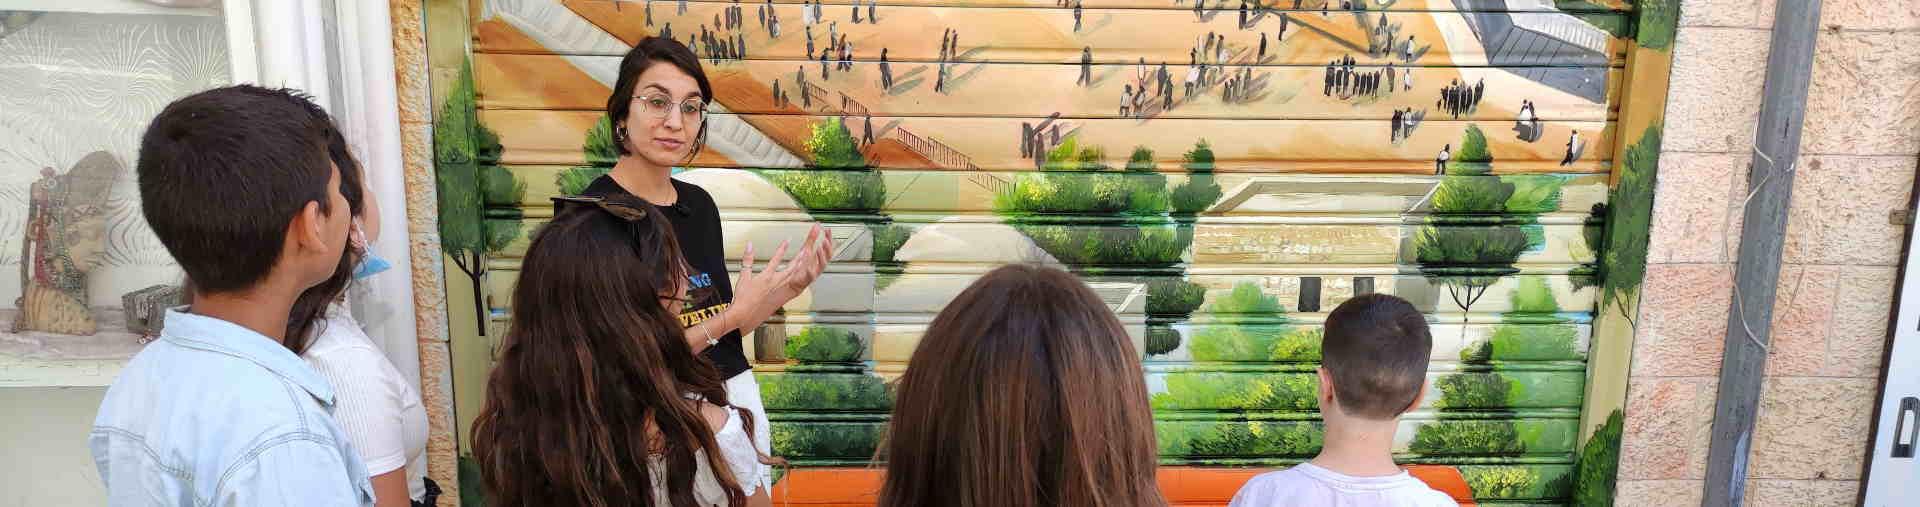 מדריכה ילדים בסיור גרפיטי בירושלים למשפחות